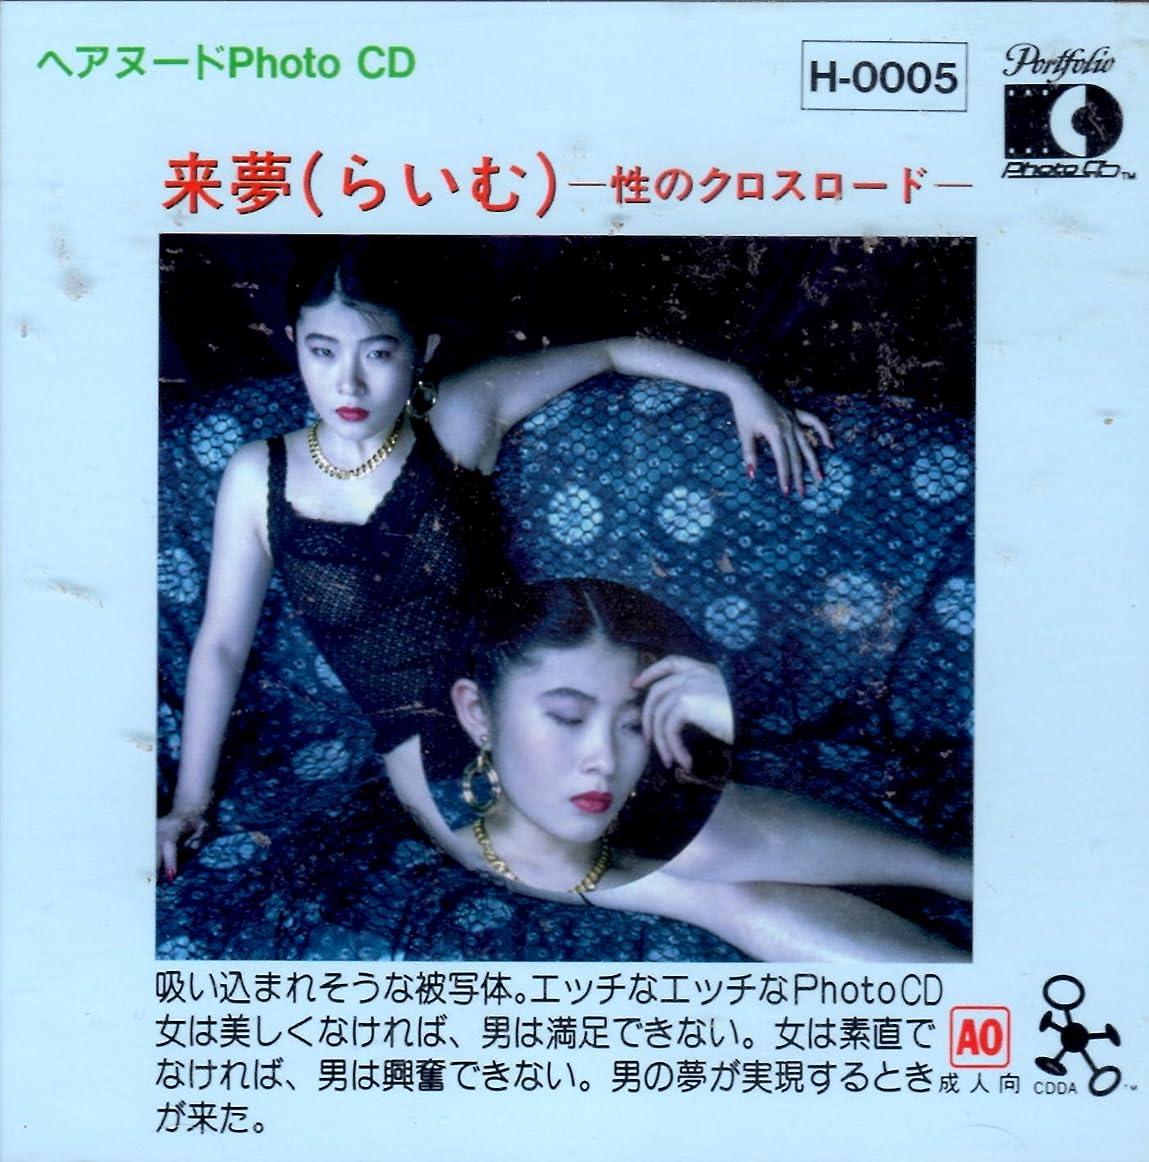 アダルトメンタル風景来夢(らいむ)-性のクロスロード-